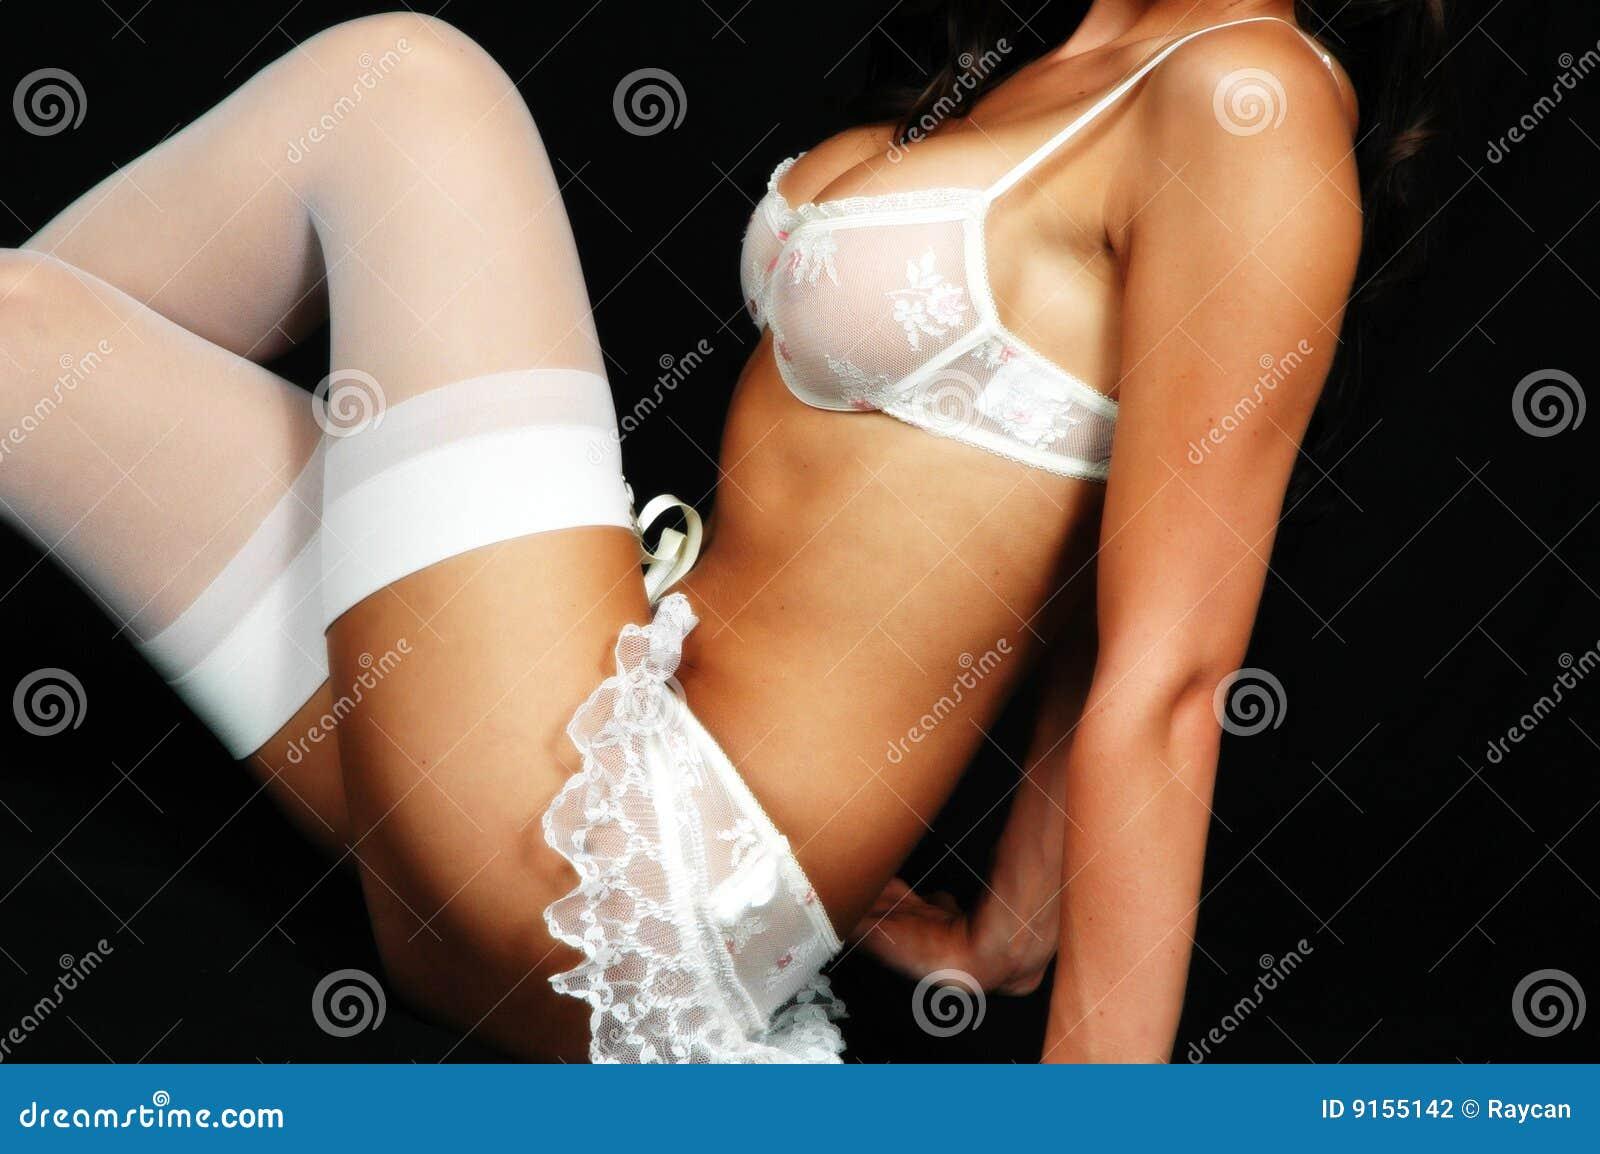 Garotas Quentes Exibindo seus Corpos Nus - Bundas